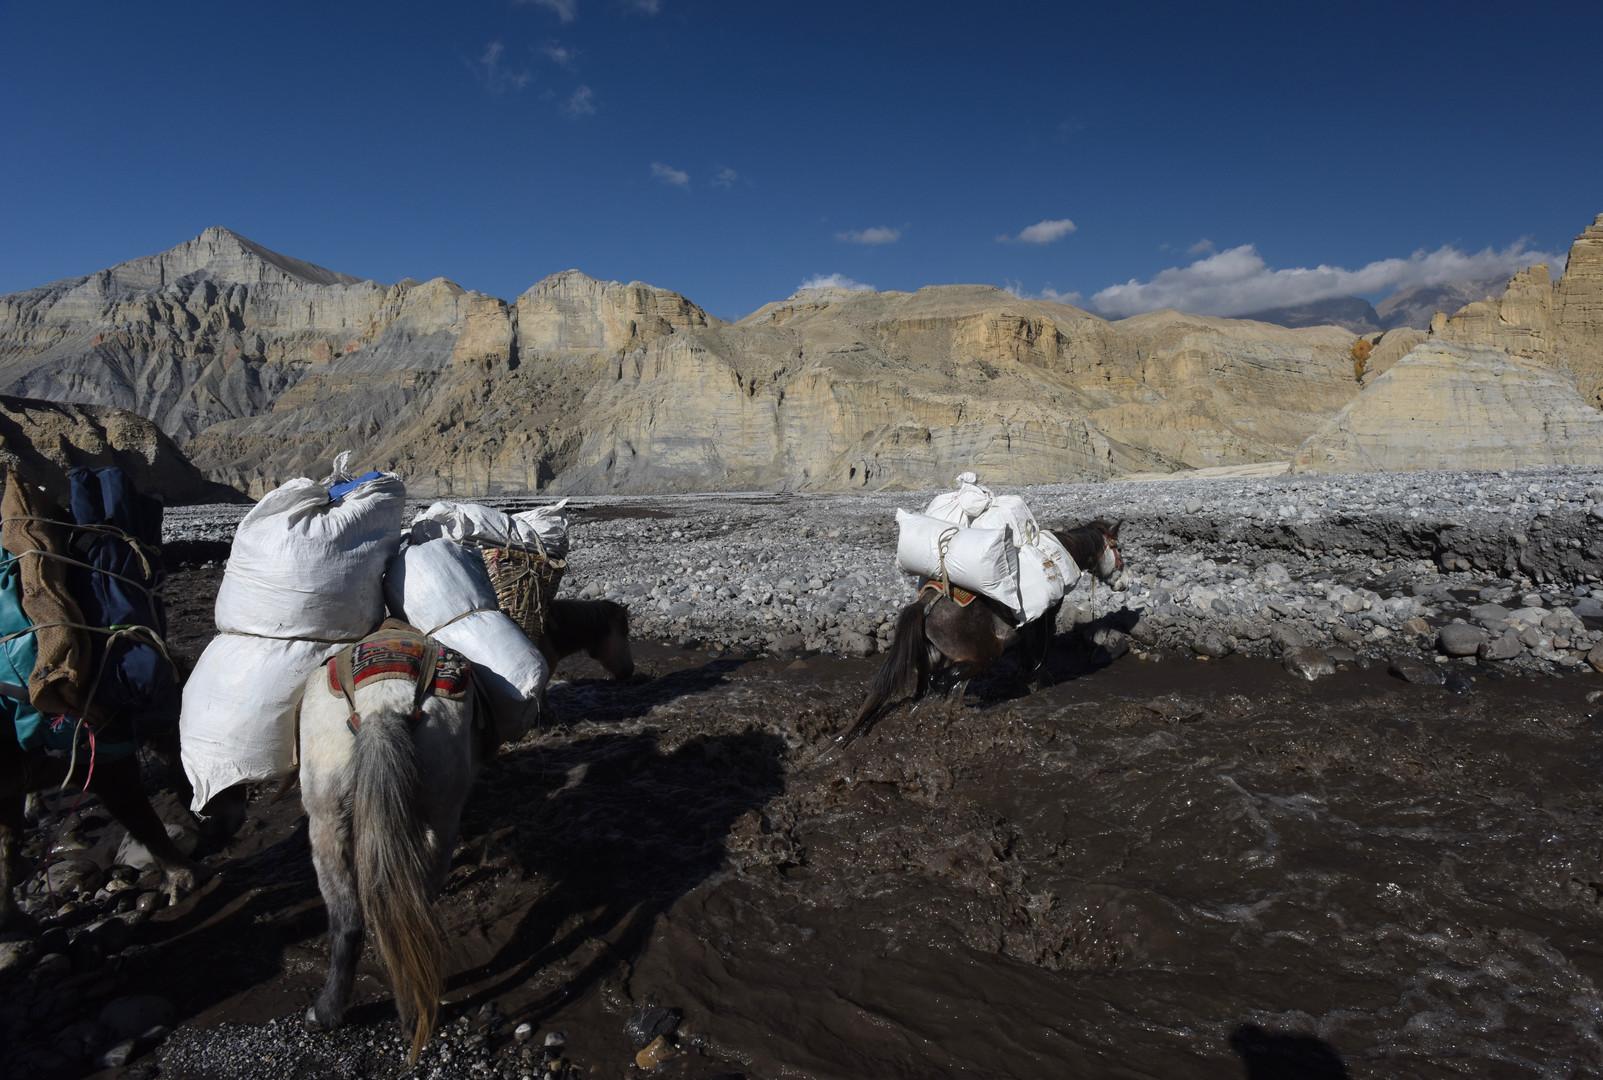 Kali Gandaki Crossing